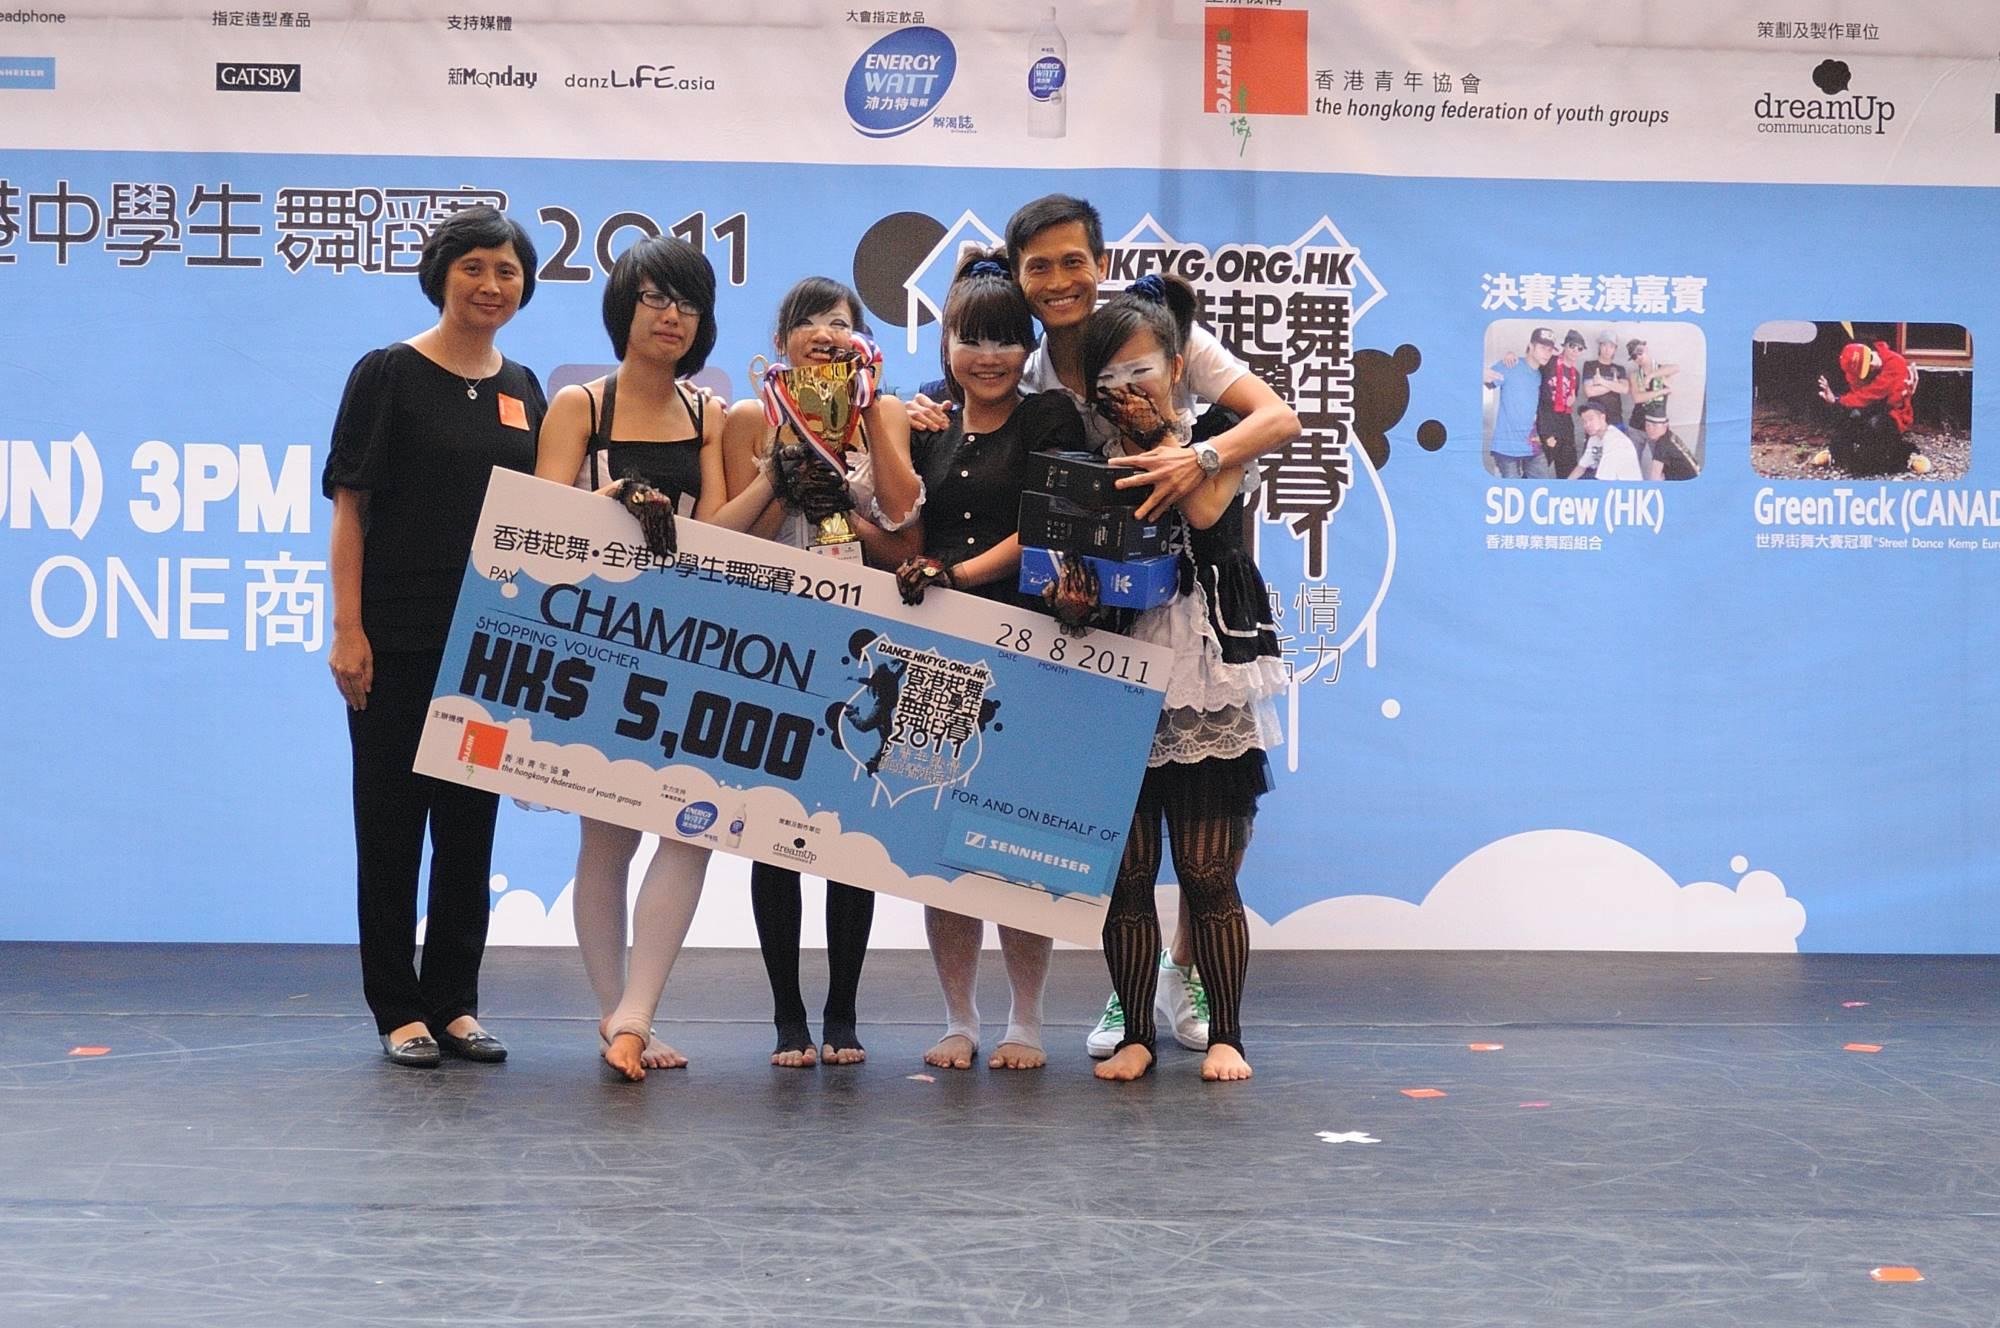 全港中學生舞蹈賽2011得獎隊伍 (2)